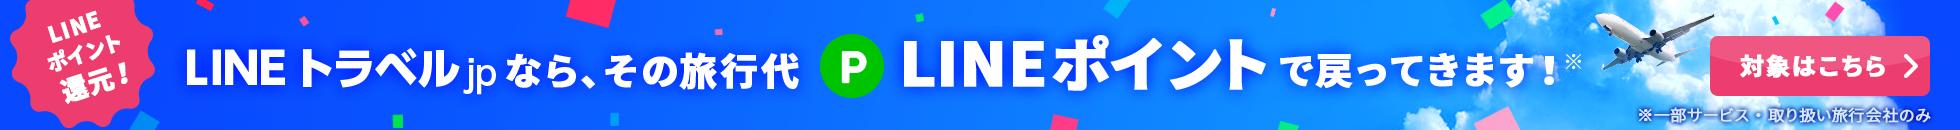 LINEポイント還元!LINEトラベルjpなら、その旅行代 LINEポイントで戻ってきます!対象はこちら ※一部サービス・取り扱い旅行会社のみ